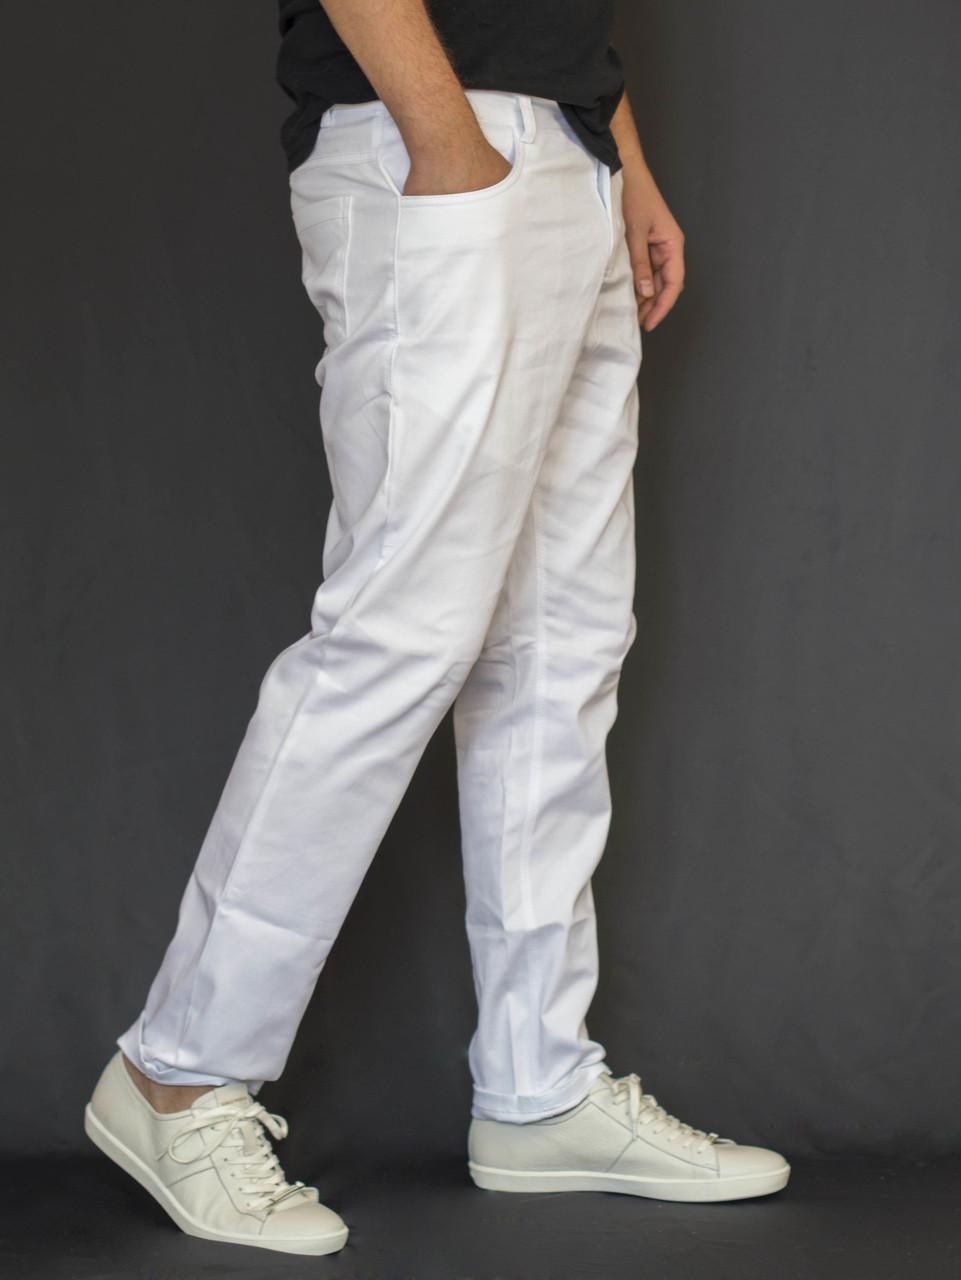 8fbb7fdb Мужские брюки чинос из хлопковой ткани белые - Интернет-магазин обуви и  одежды KedON в